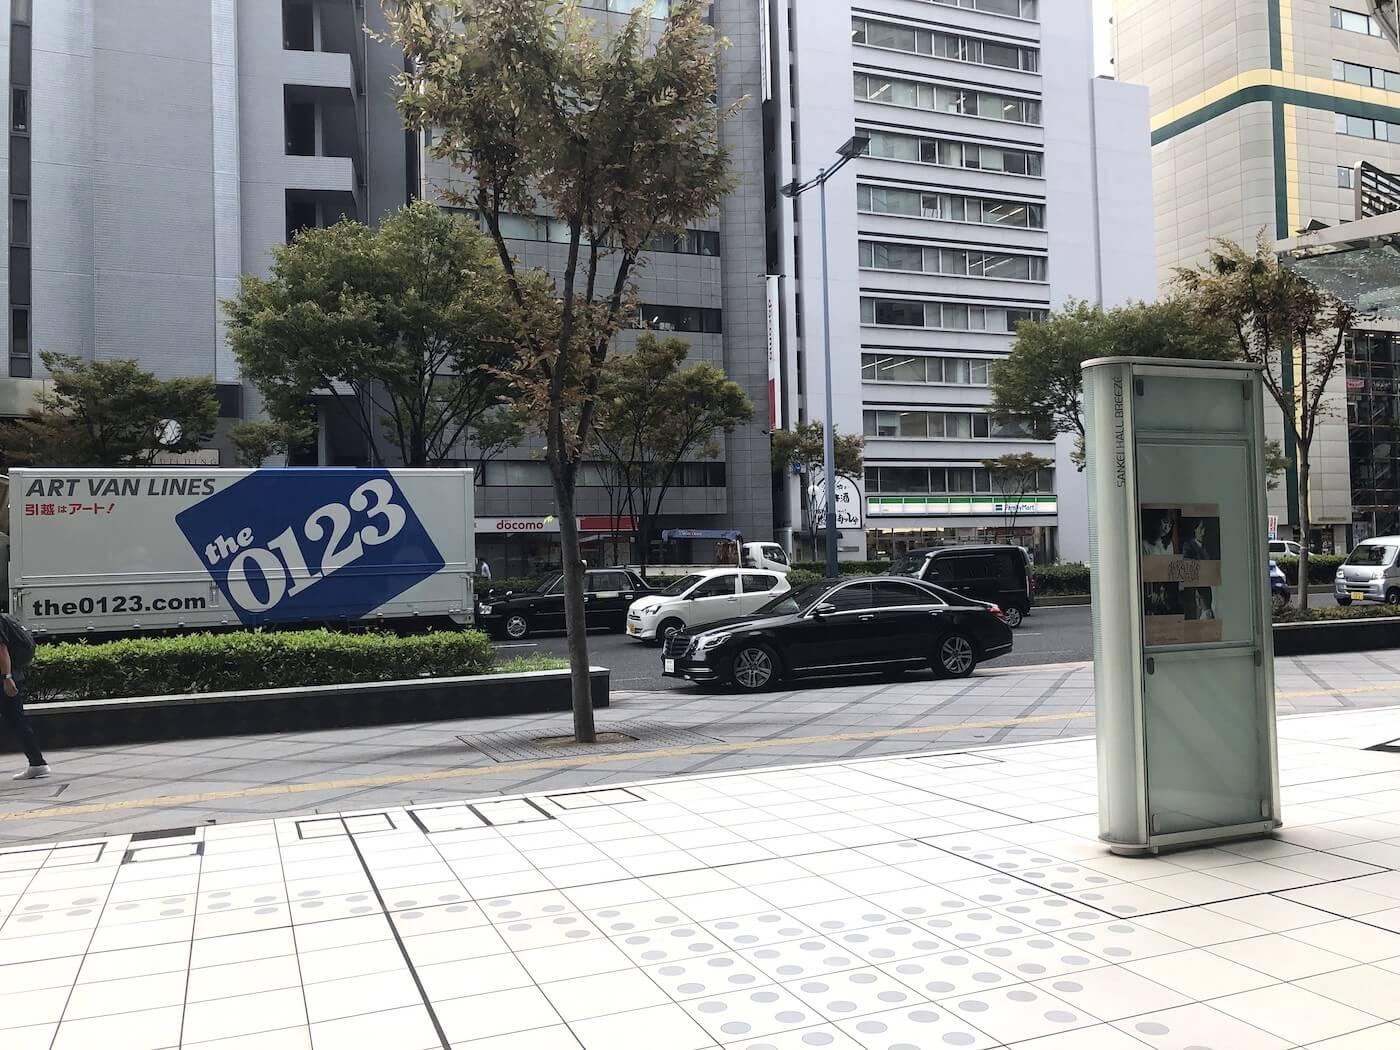 大阪駅からFLALUクリニック27